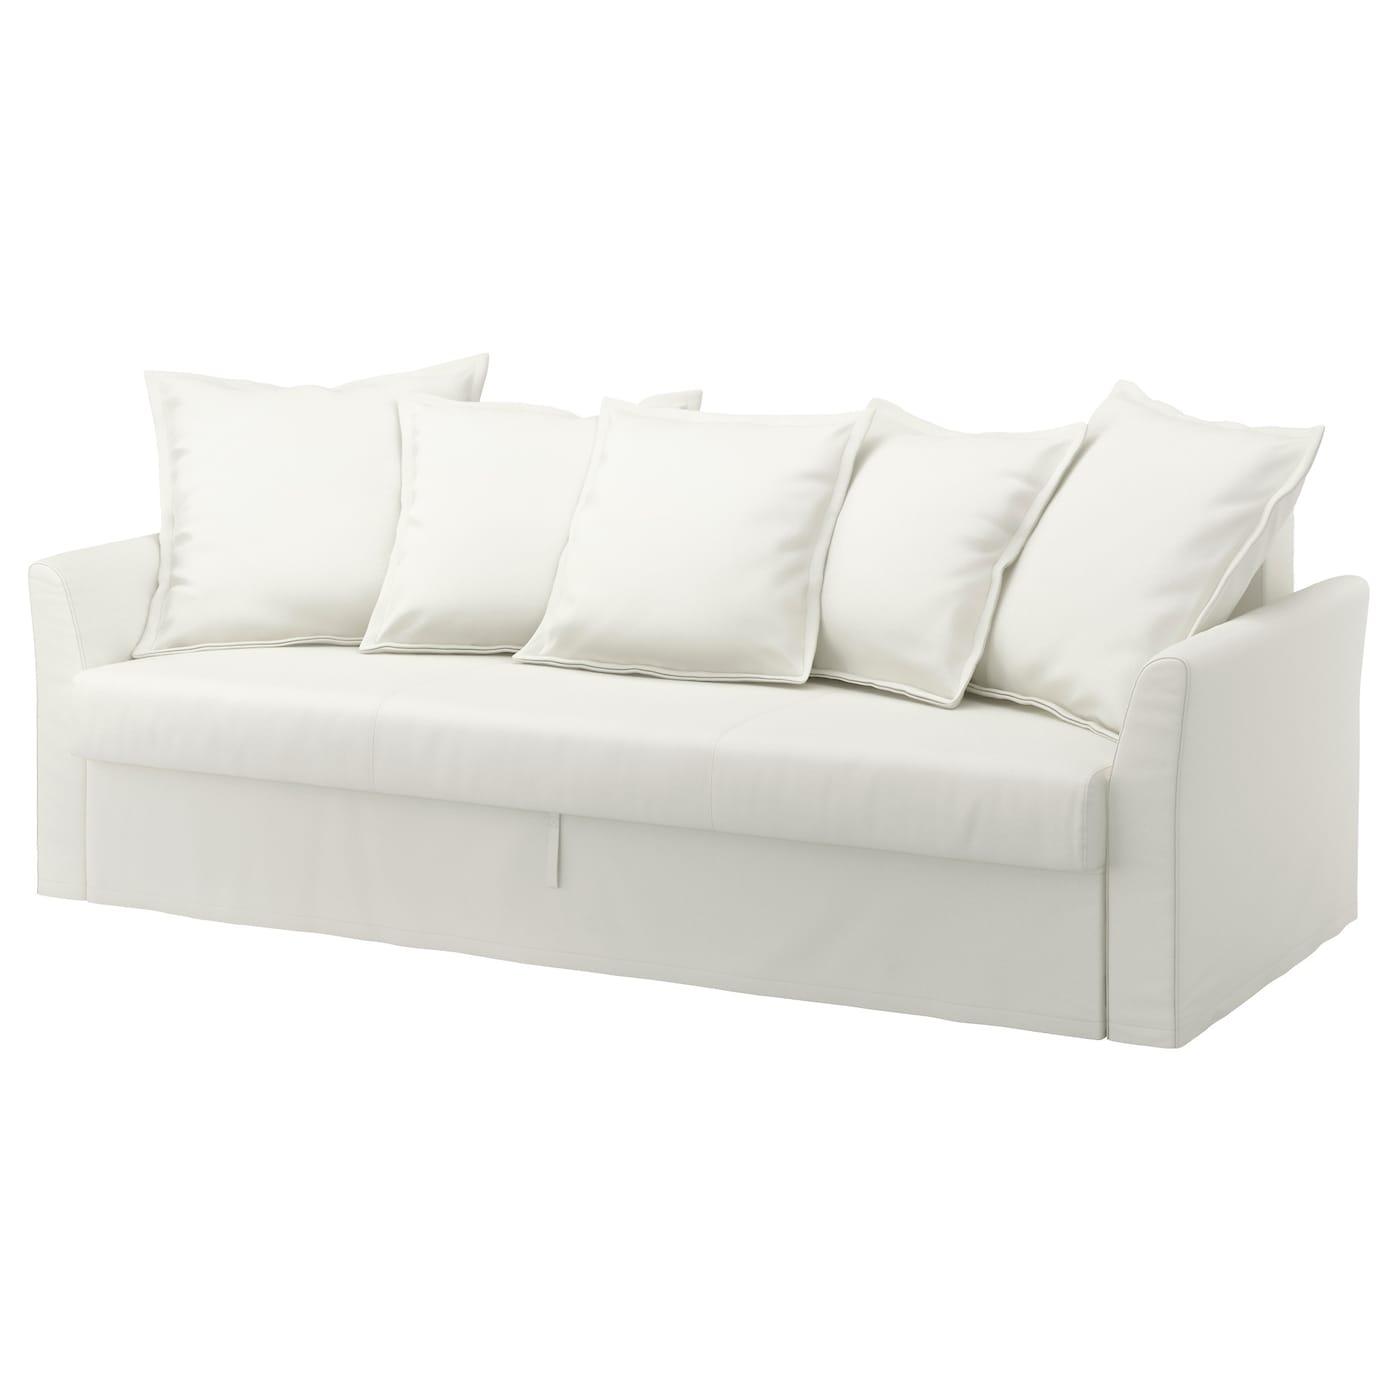 Schlafsofa ikea weiß  Schlafsofa HOLMSUND von IKEA - ab 449,00€ | Cherry Möbel